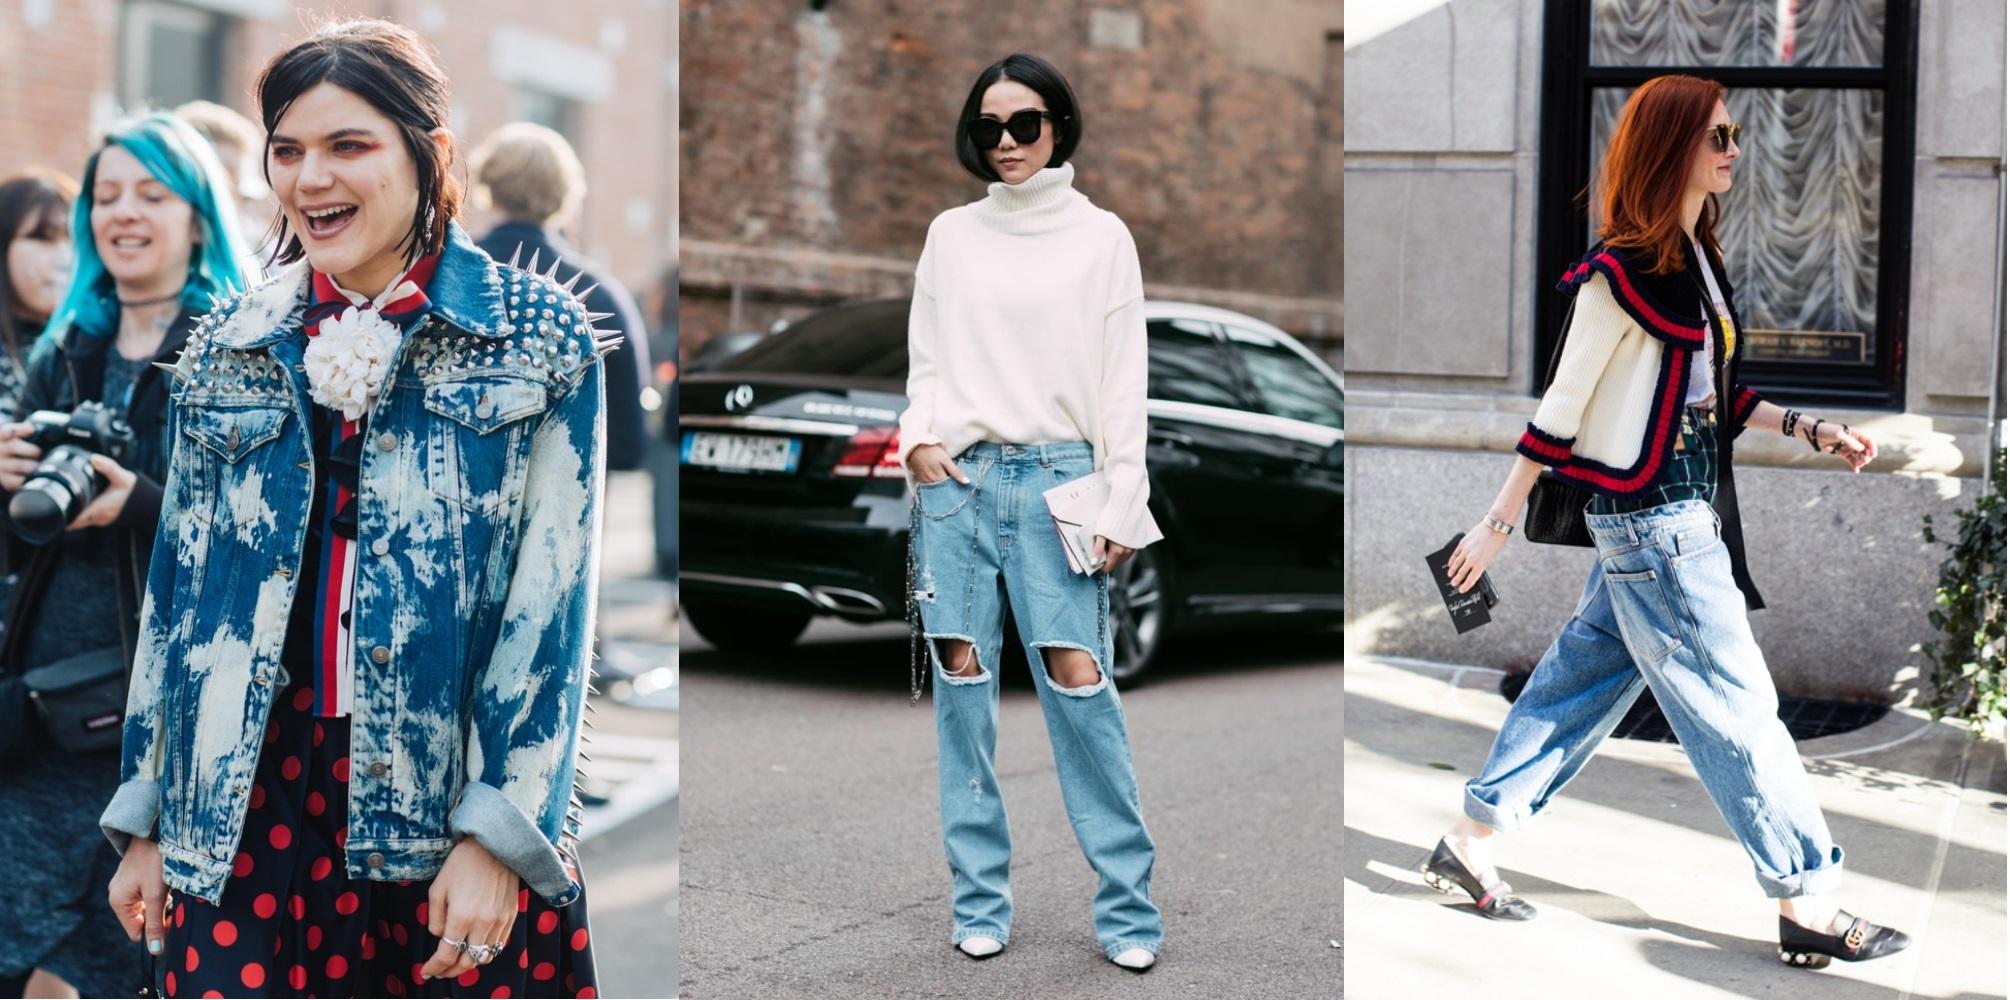 Что в моде в 2018 году фото для молодежи